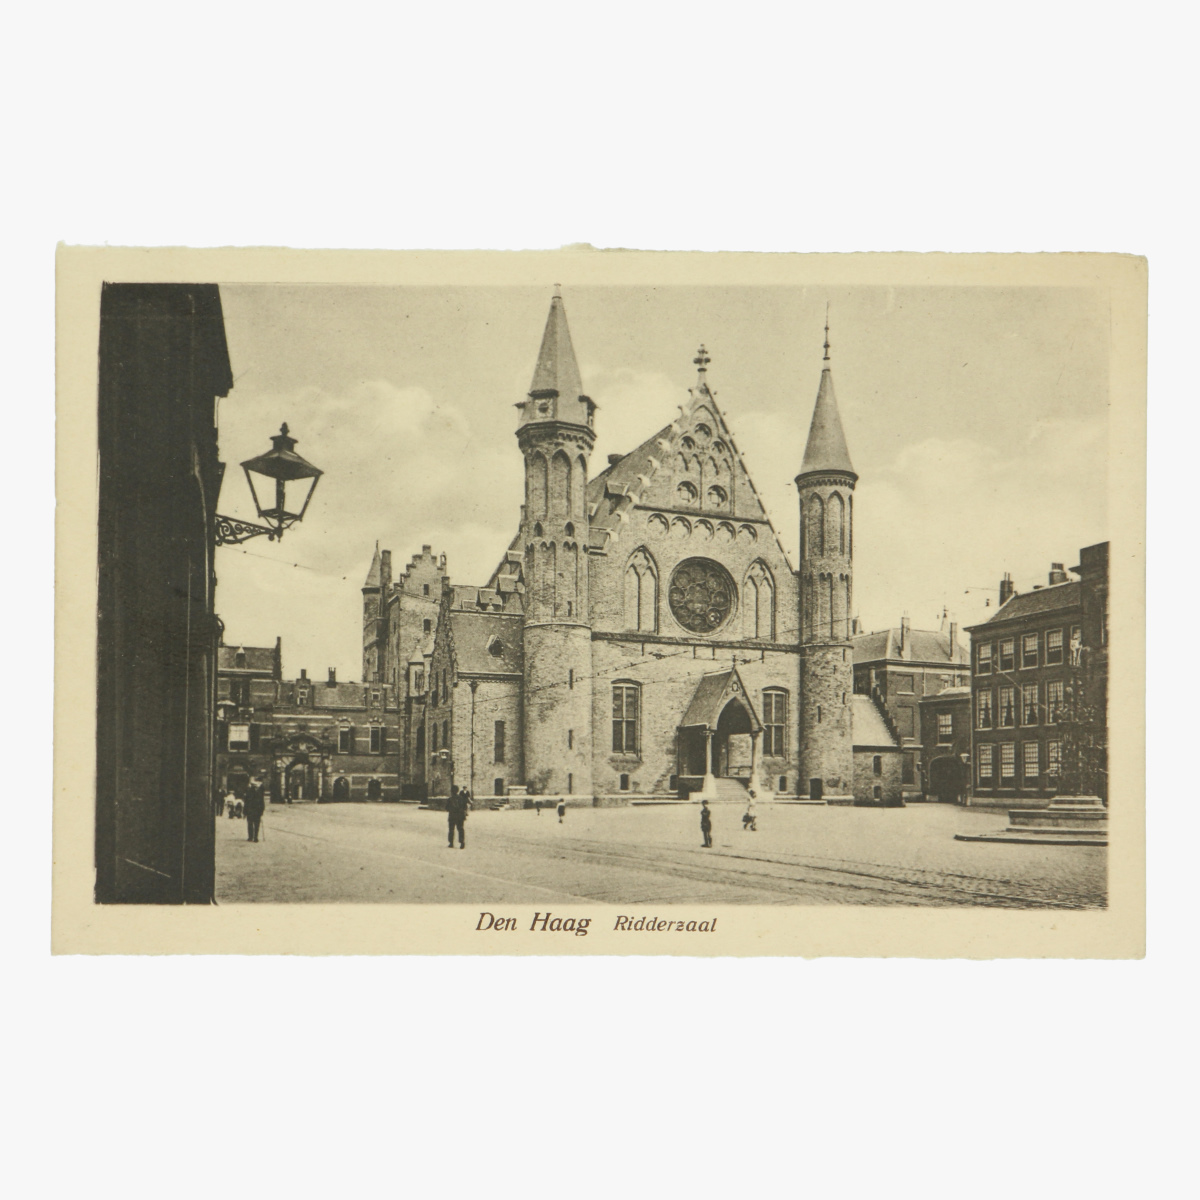 Afbeeldingen van Den Haag - Ridderzaal Postkaart uitgeverij Artur Klitzsch